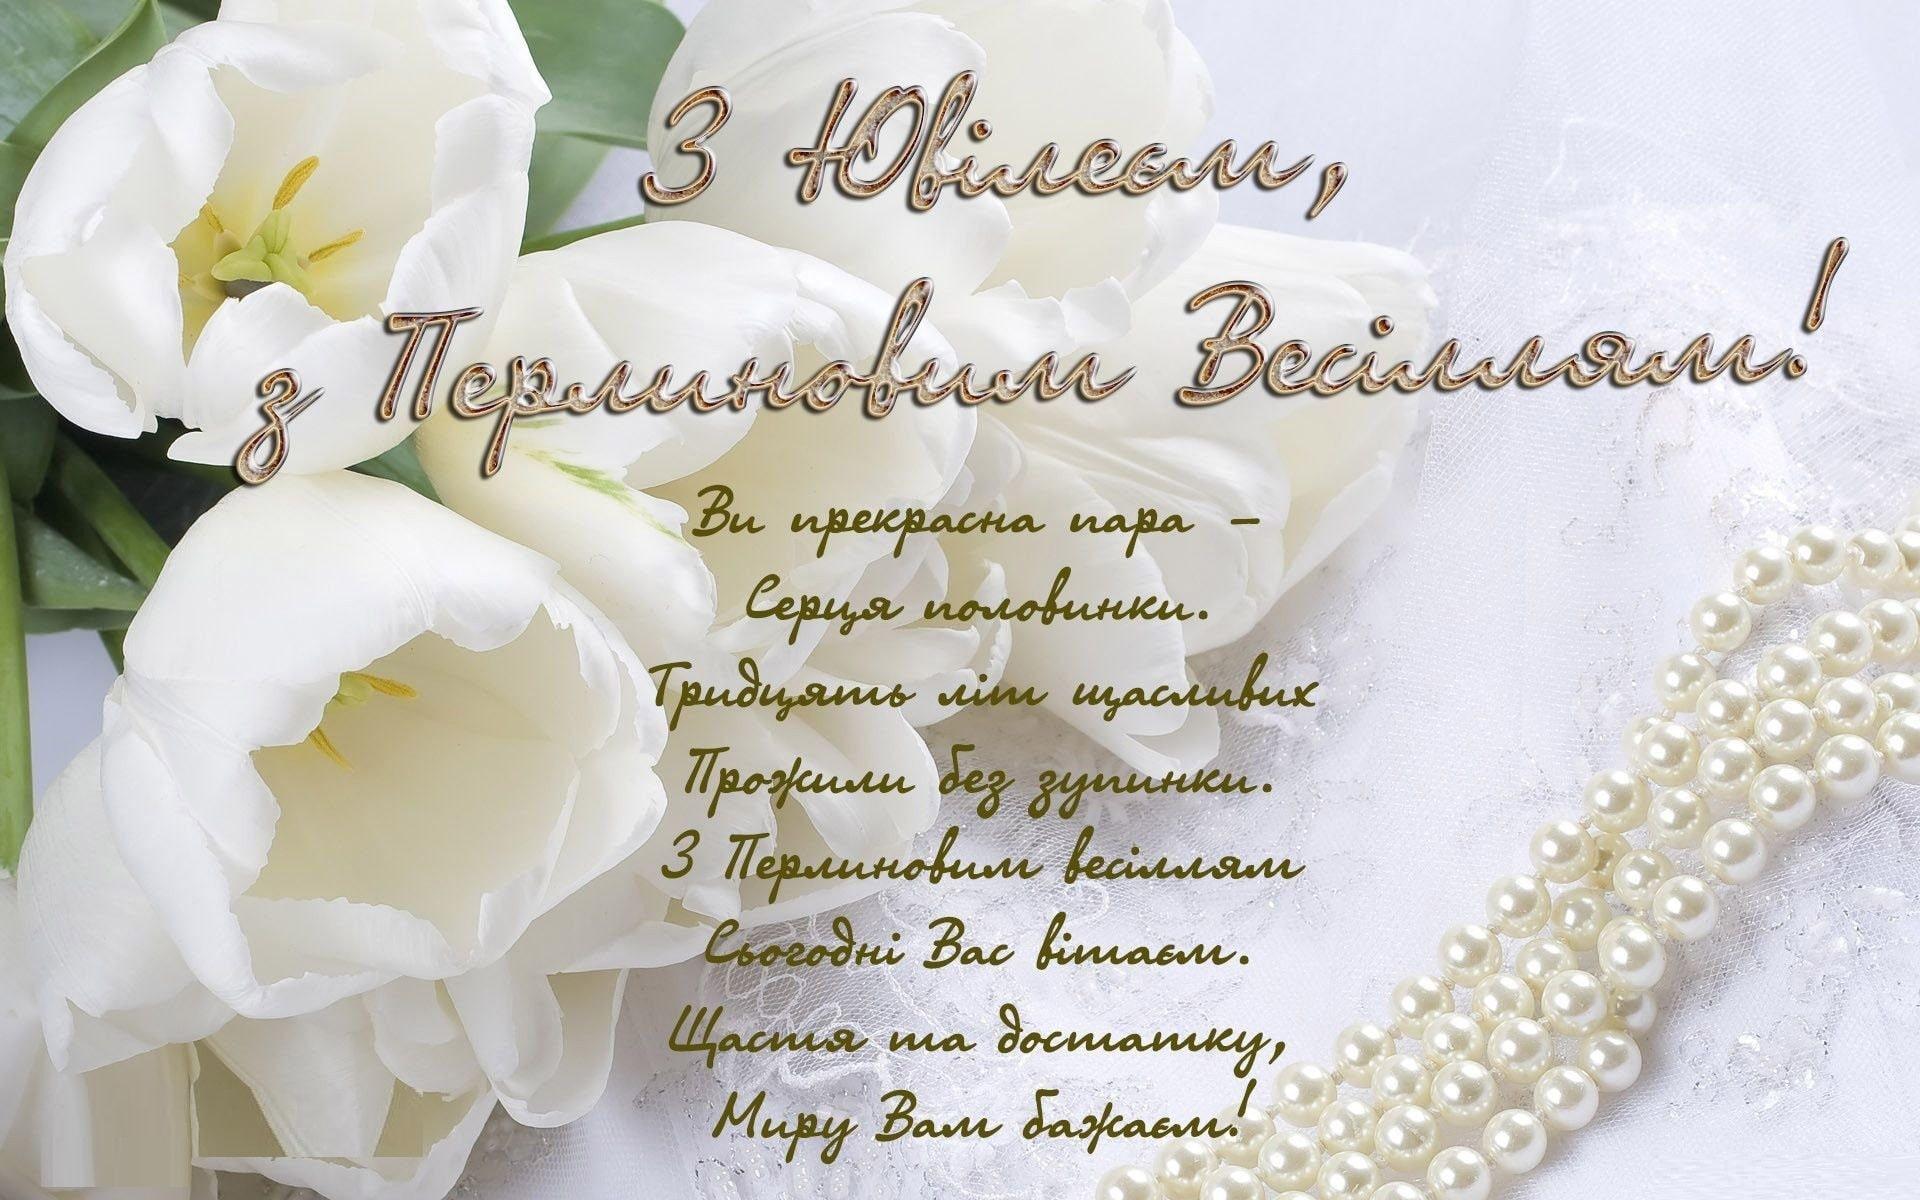 Розочками, открытки с свадьбой на украинском языке